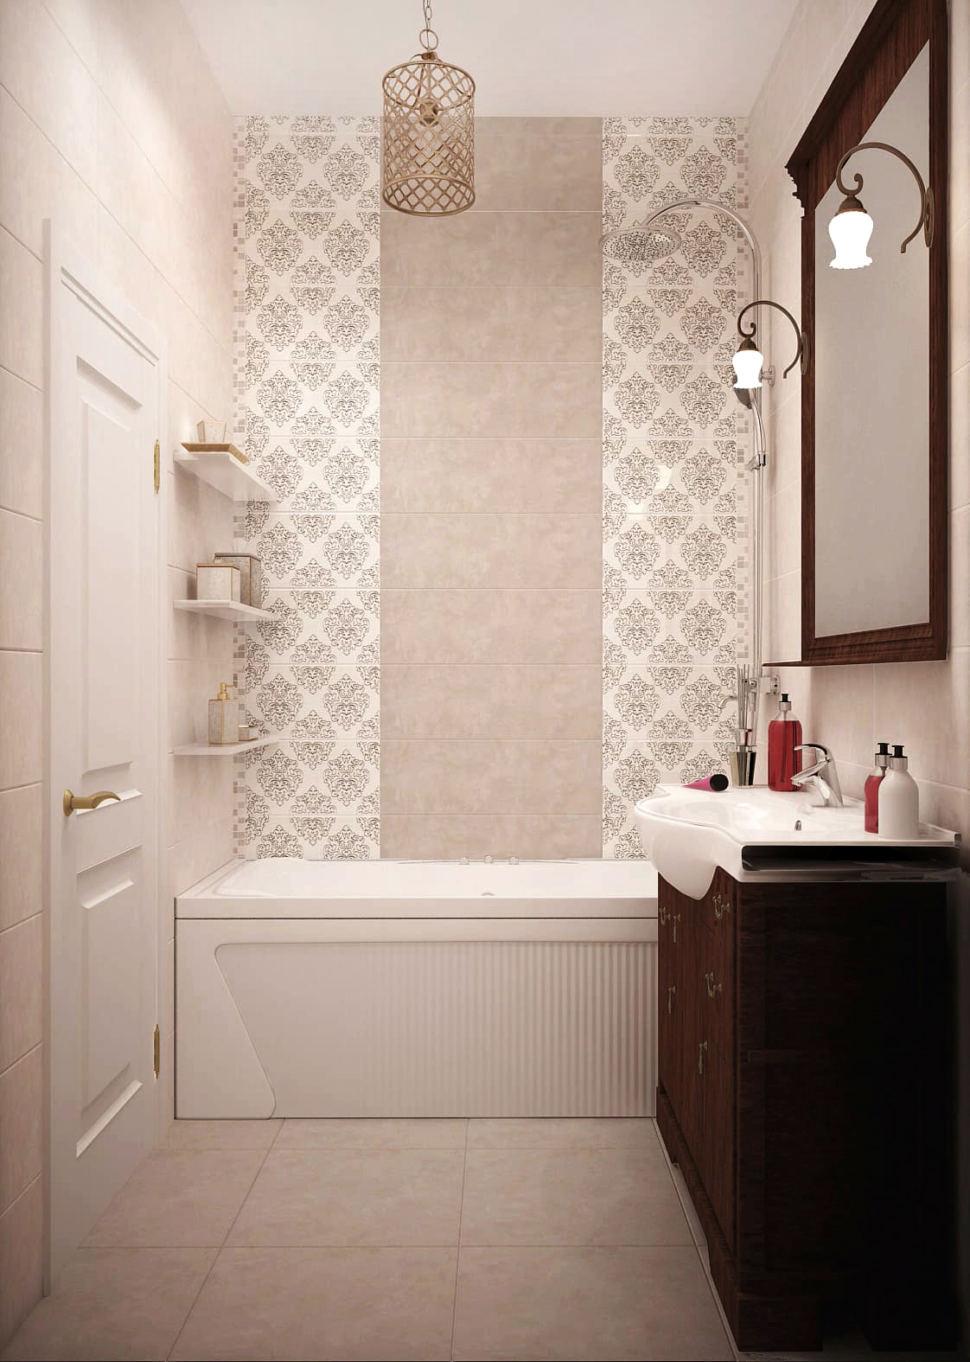 Интерьер ванной комнаты 3 кв.м в теплых тонах, ванна, зеркало в темной раме, тумба, подвесная люстра